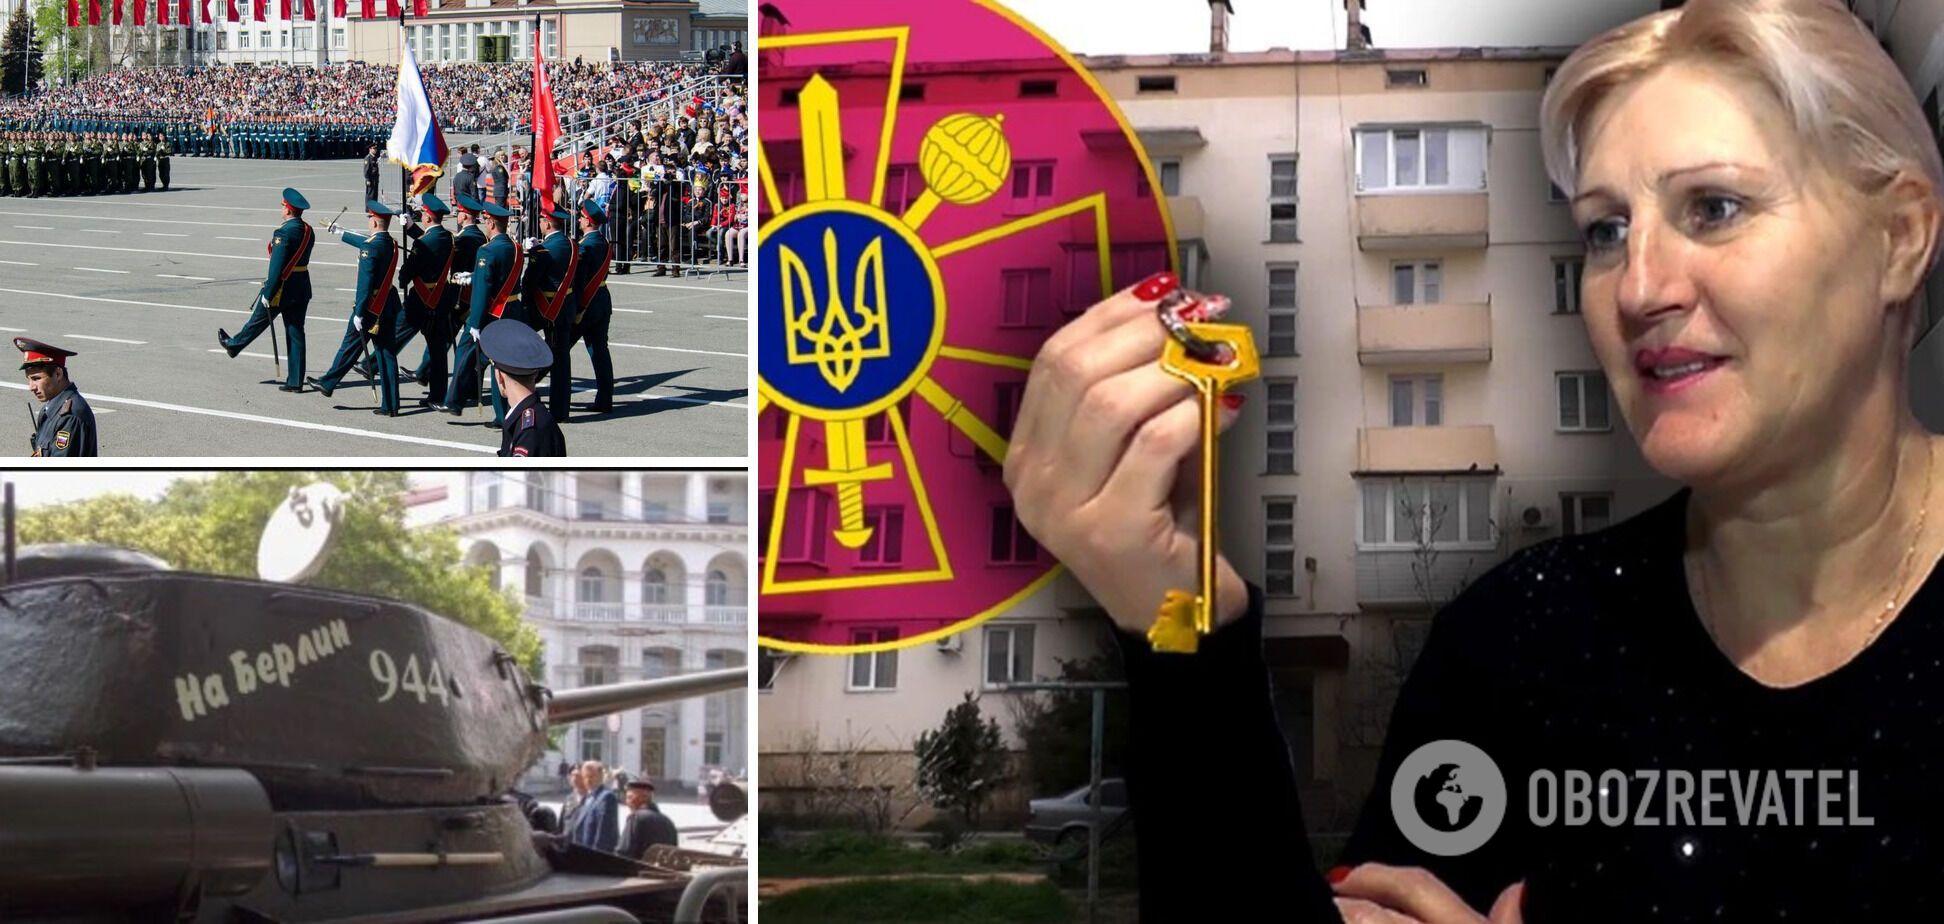 Новини Кримнашу. 'Інтегровані зрадники Батьківщини'